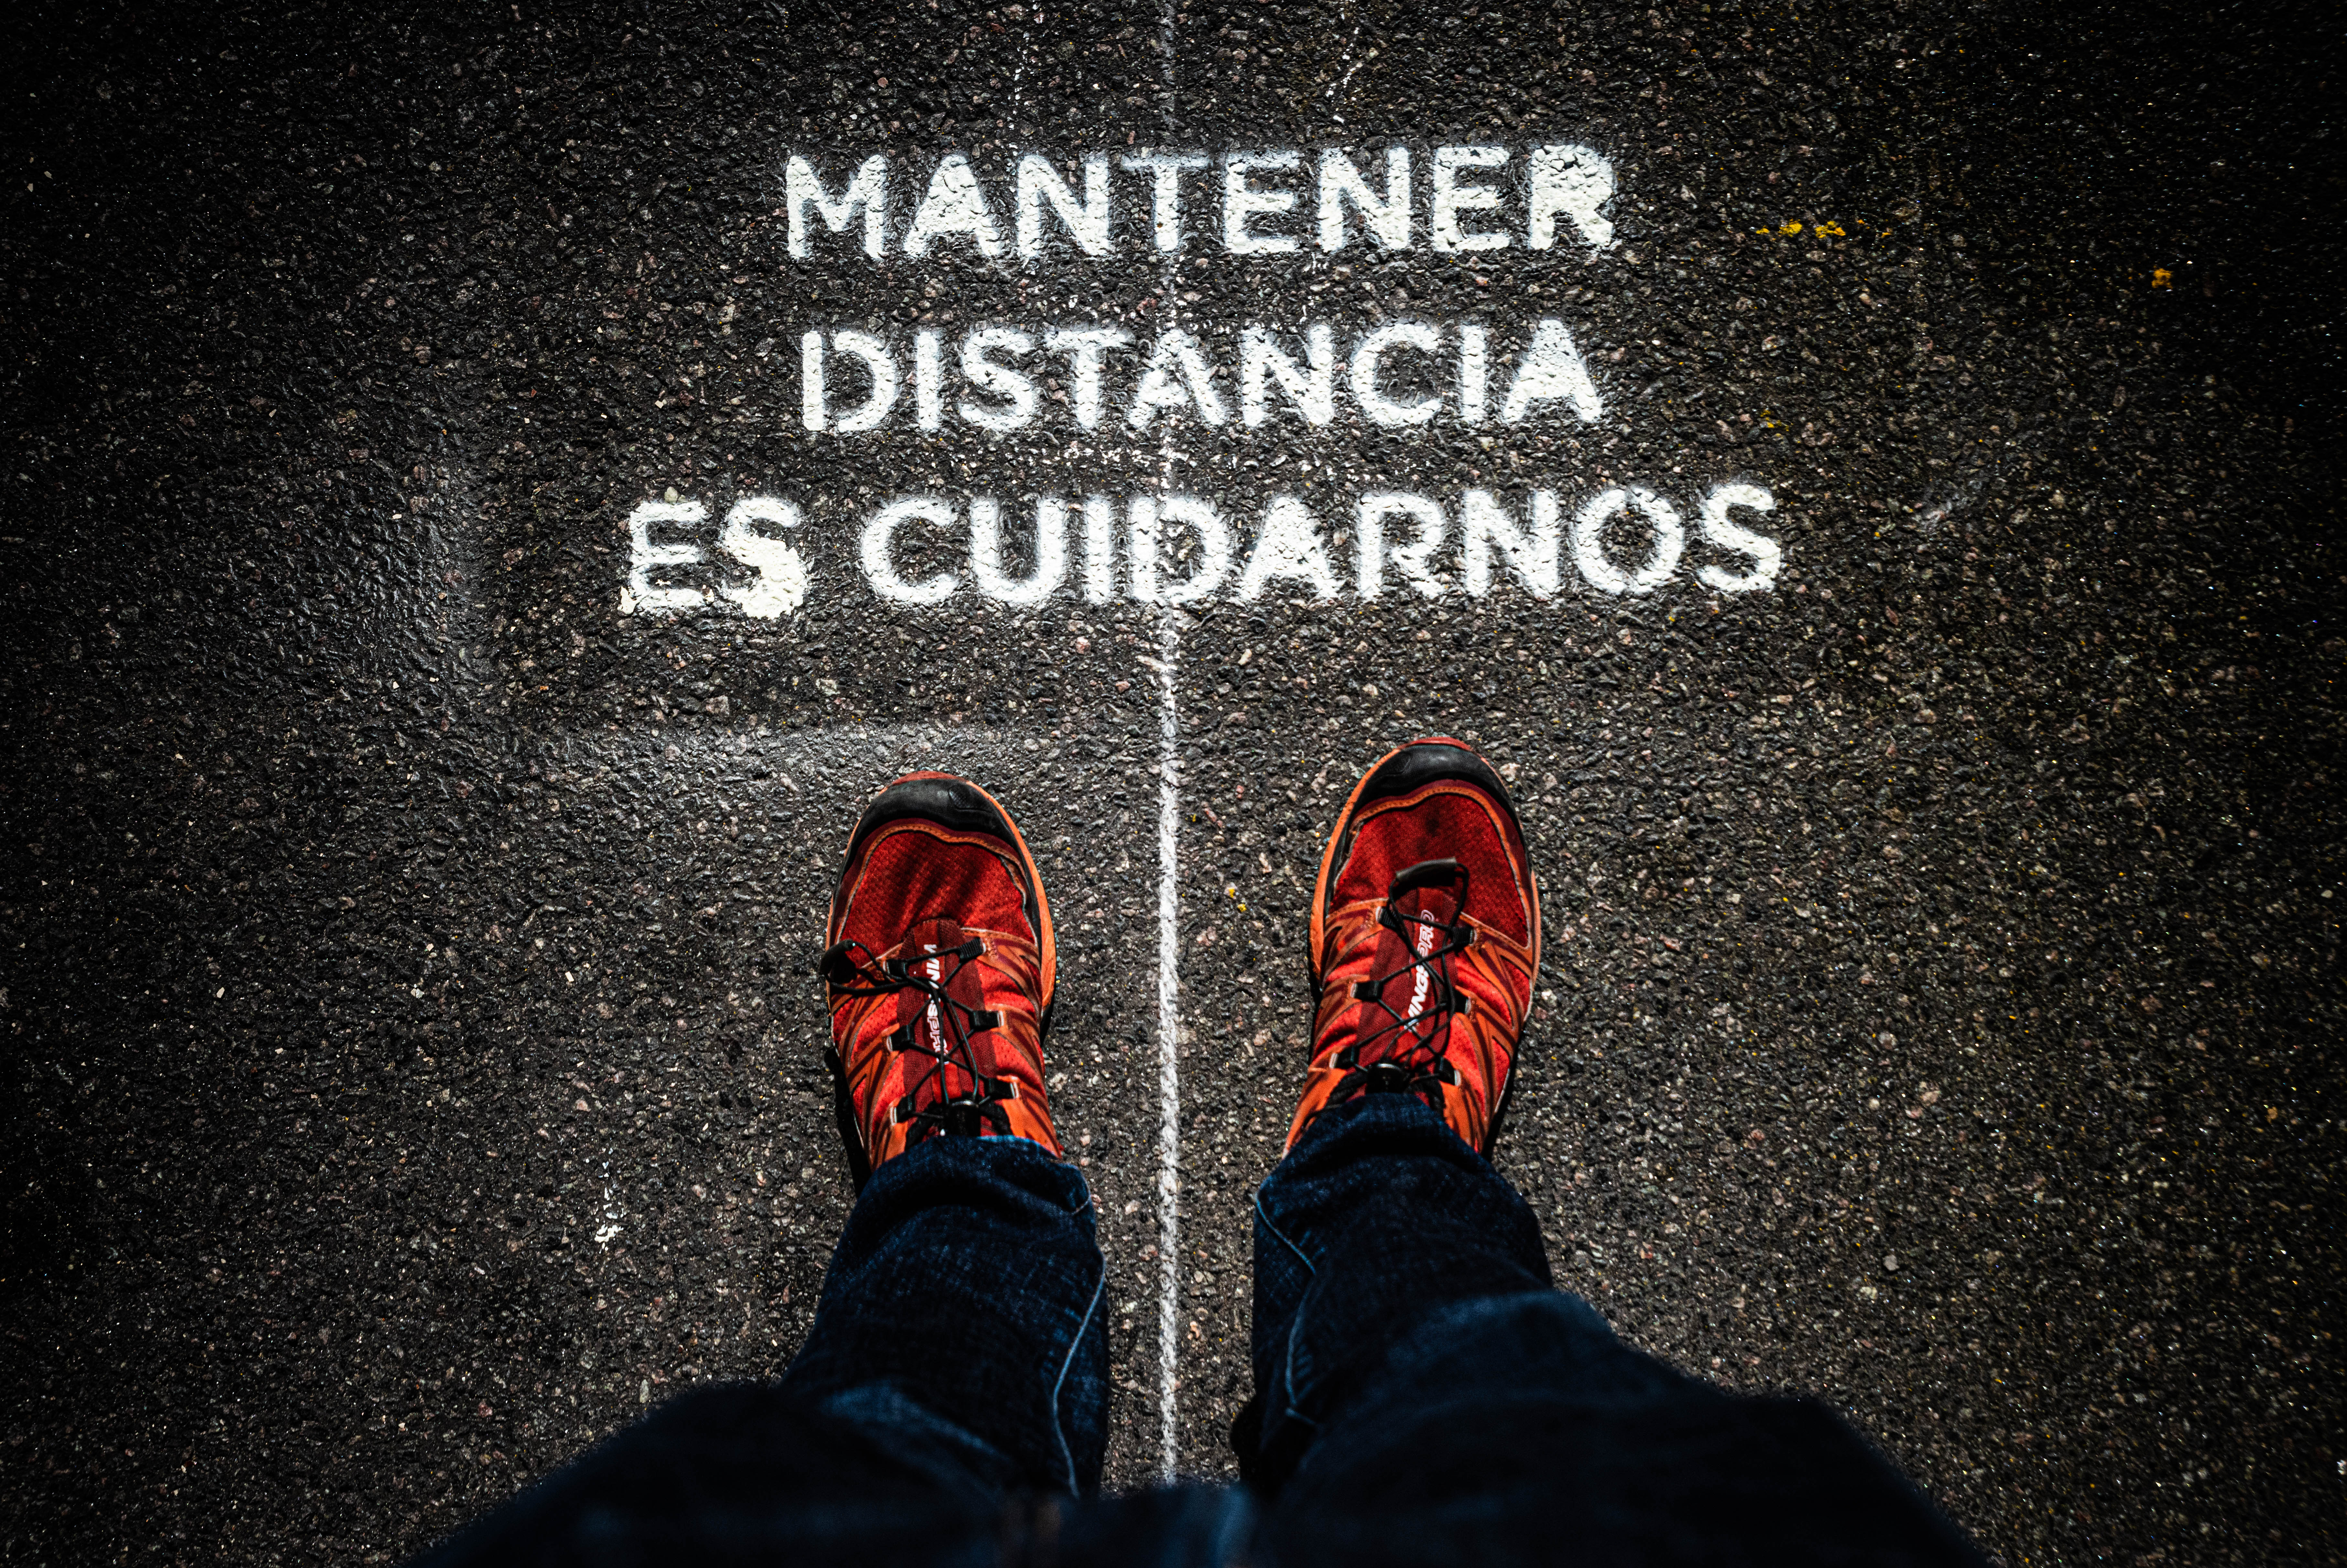 """El Gobierno también pintó la frase """"mantener distancia es cuidarnos"""" en puntos de alta concentración"""